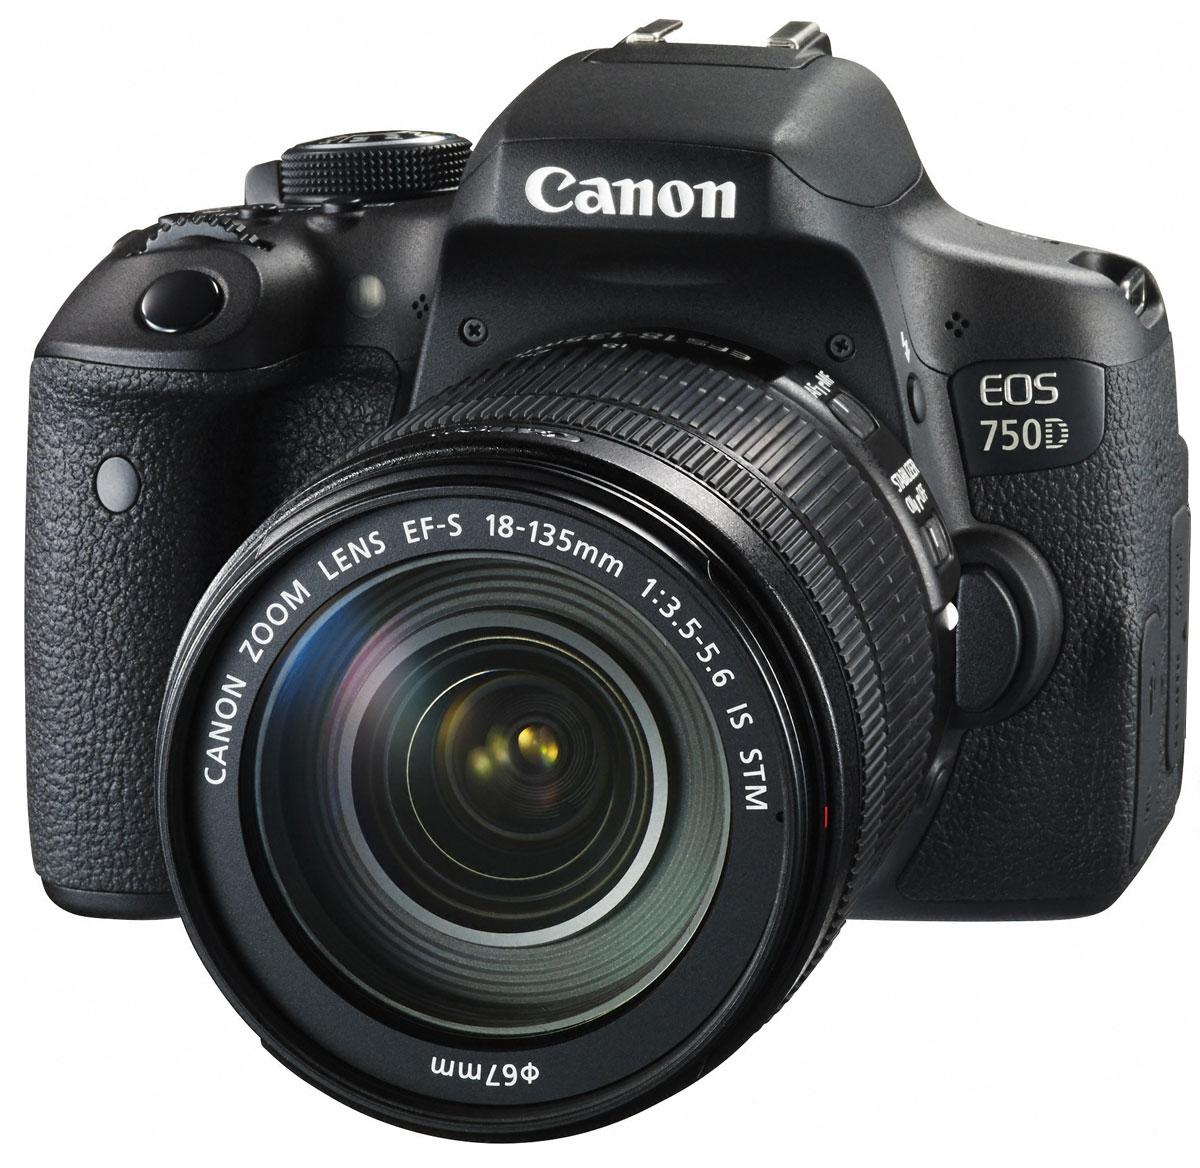 Canon EOS 750D Kit 18-135 IS STM, Black цифровая зеркальная фотокамера0592C009Достигайте новых уровней мастерства в фотосъемке с зеркальной фотокамерой Canon EOS 750D. Простая съемка мельчайших деталей в любой ситуации Снимайте яркие и детализированные изображения в высоком разрешении с расширенным динамическим диапазоном, пониженным уровнем шума и превосходным контролем глубины резкости благодаря 24,2- мегапиксельному датчику APS-C. Удобный видоискатель EOS 750D оснащена интеллектуальным видоискателем, который обеспечивает улучшенные возможности съемки. Глядя в видоискатель, легче видеть точку фокусировки и любые активные области автофокусировки. Кроме того, четко отображается информация о съемке. Различные режимы съемки С легкостью снимайте великолепные фотографии благодаря последним технологиям цифровых зеркальных камер с базовыми и творческими режимами, которые позволят вам самостоятельно выбирать уровень контроля над параметрами съемки. Поворотный экран для творческого выстраивания...